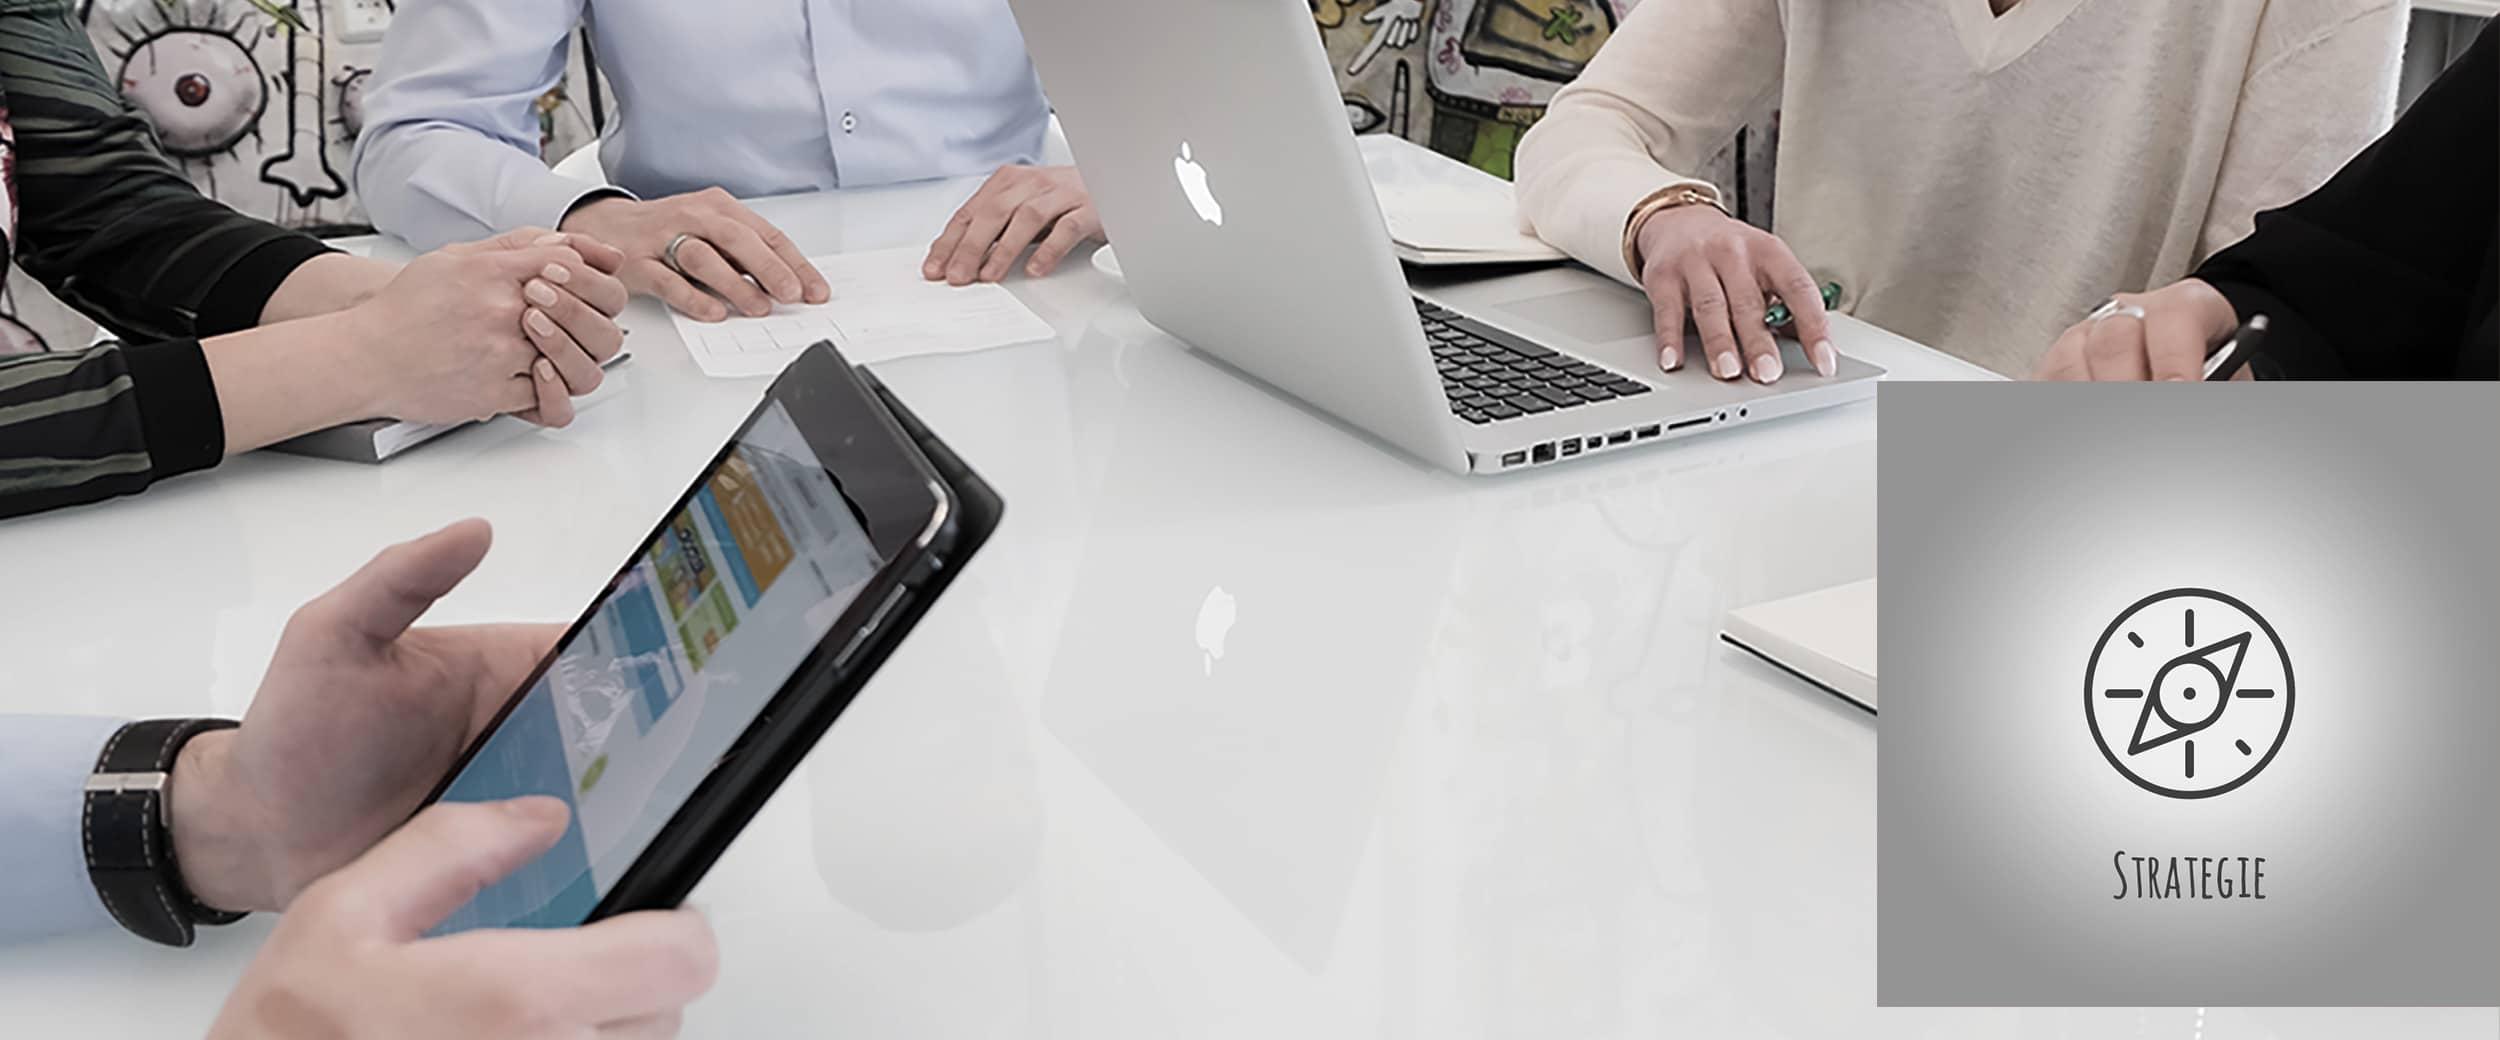 Weißer Glastisch, auf dem Laptops stehen und die Hände von Mitarbeitern zu sehen sind.